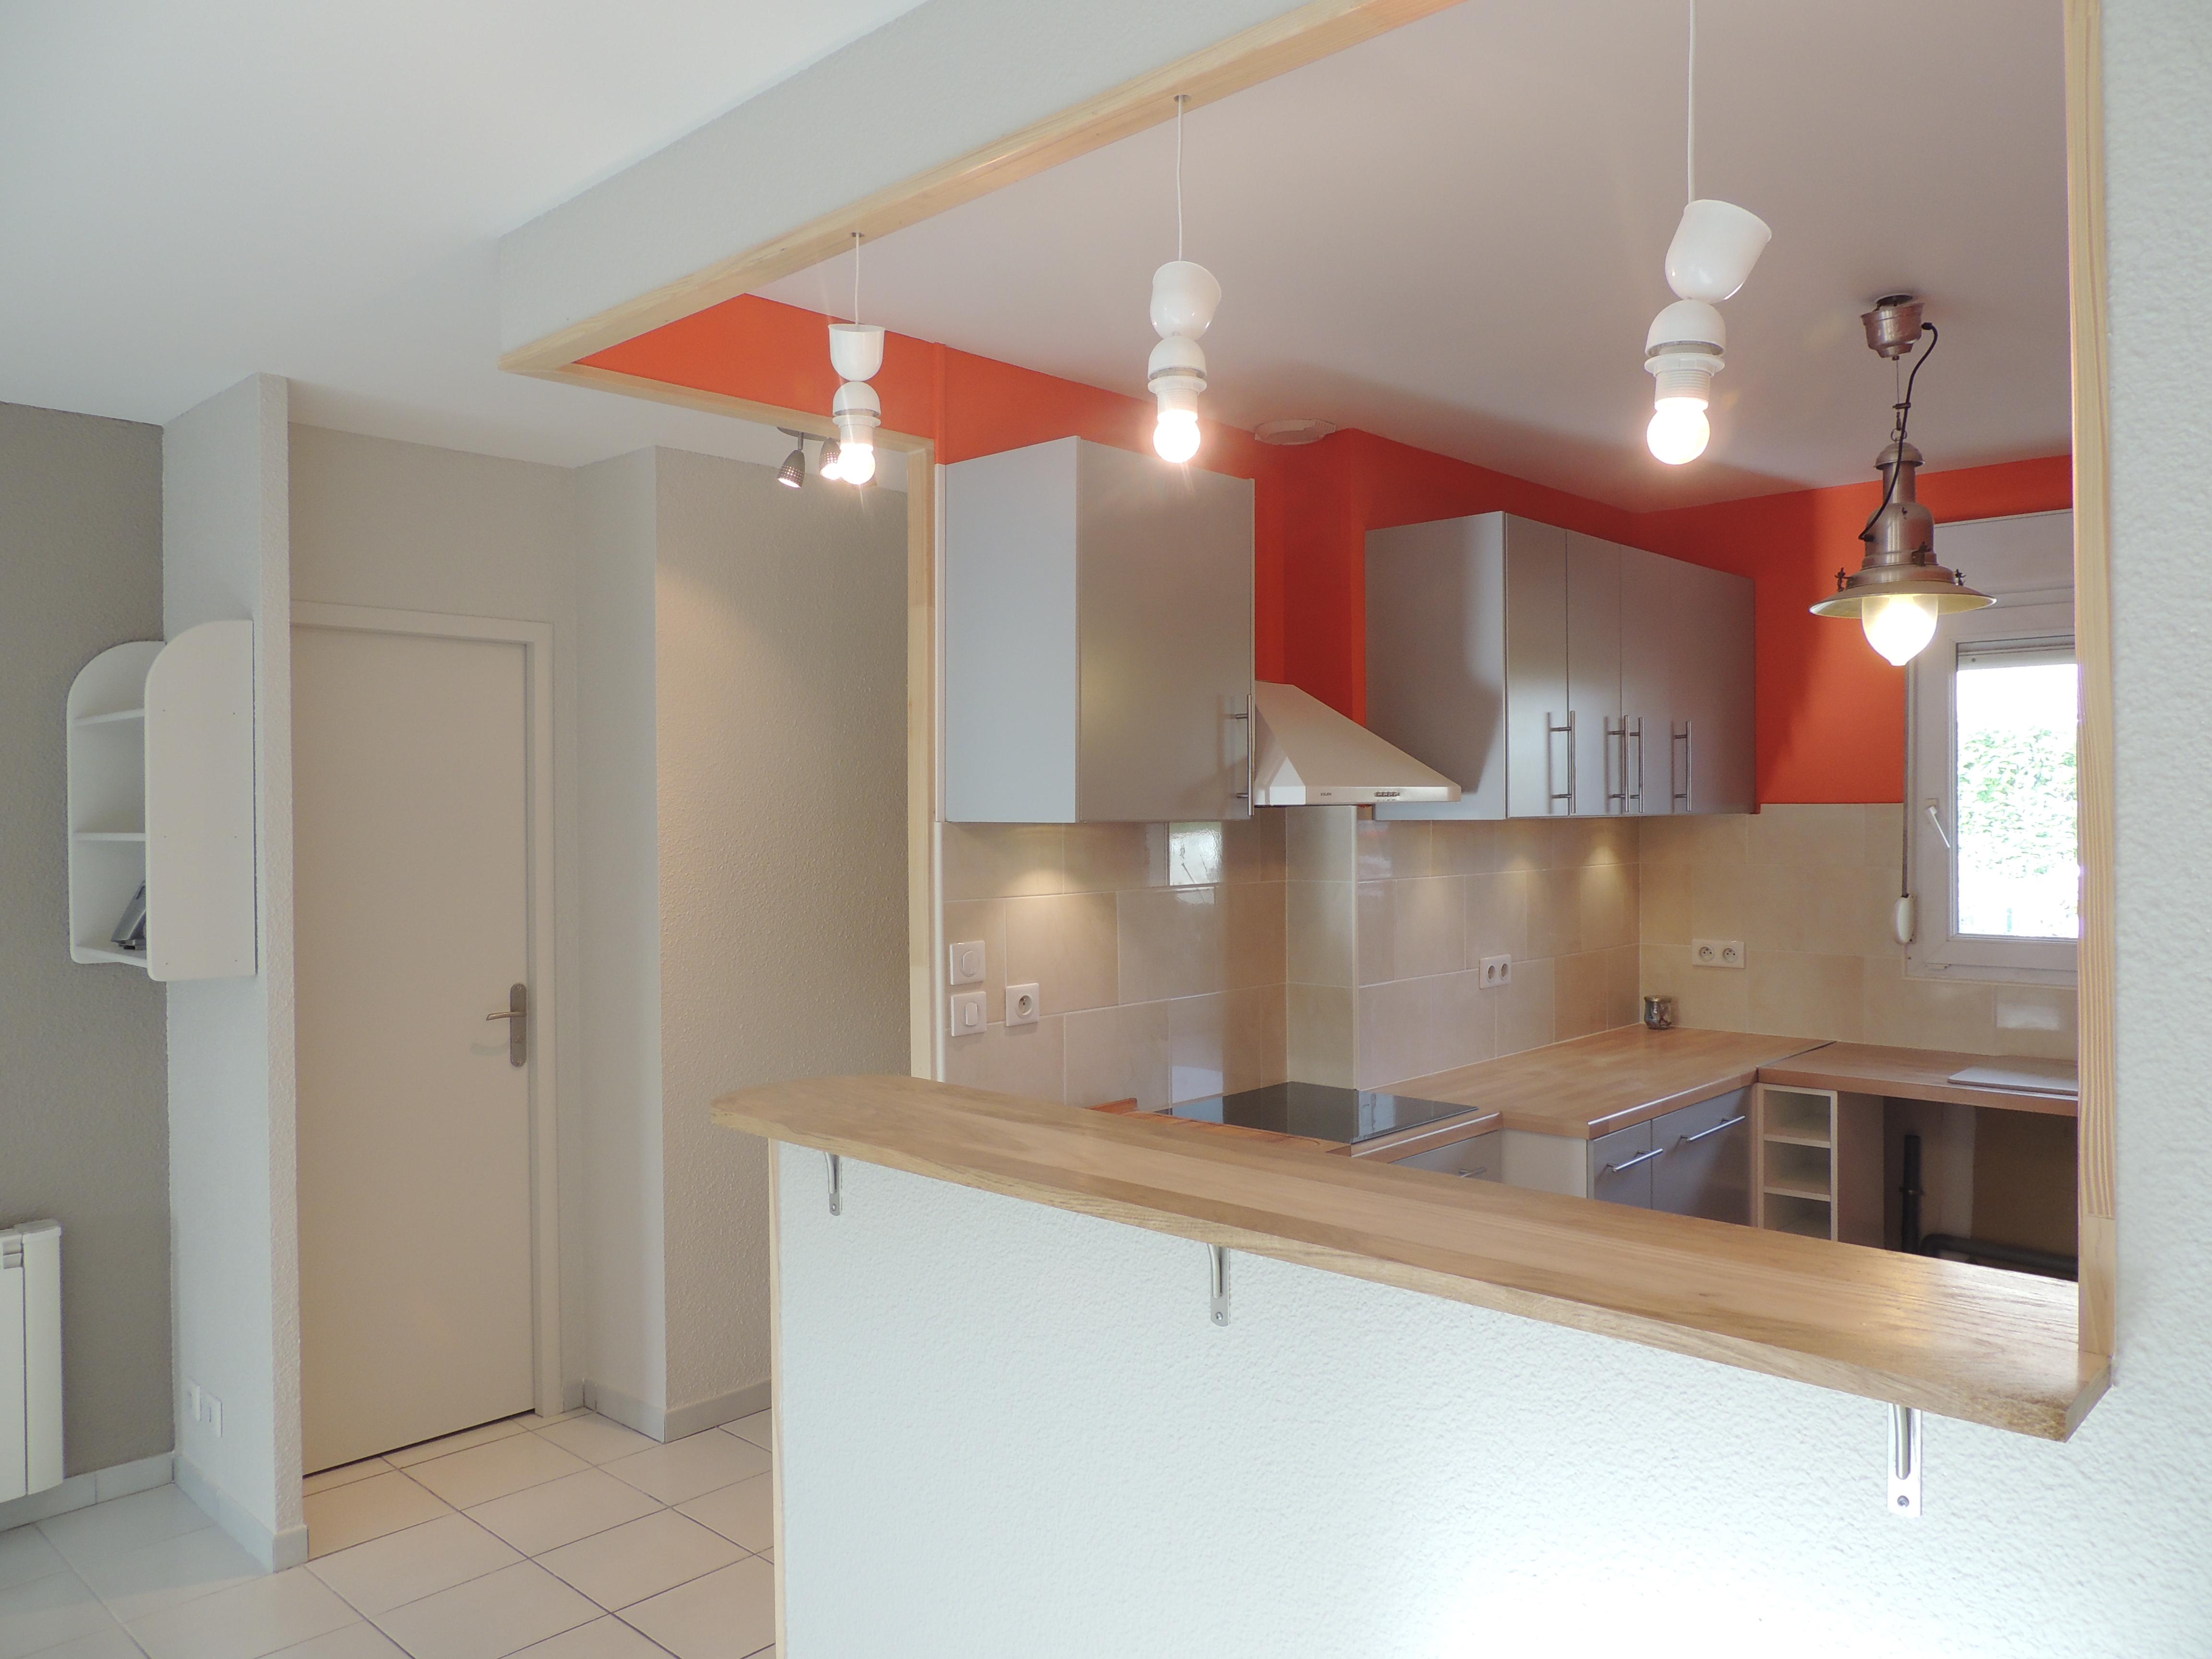 Une cuisine ouverte colorée